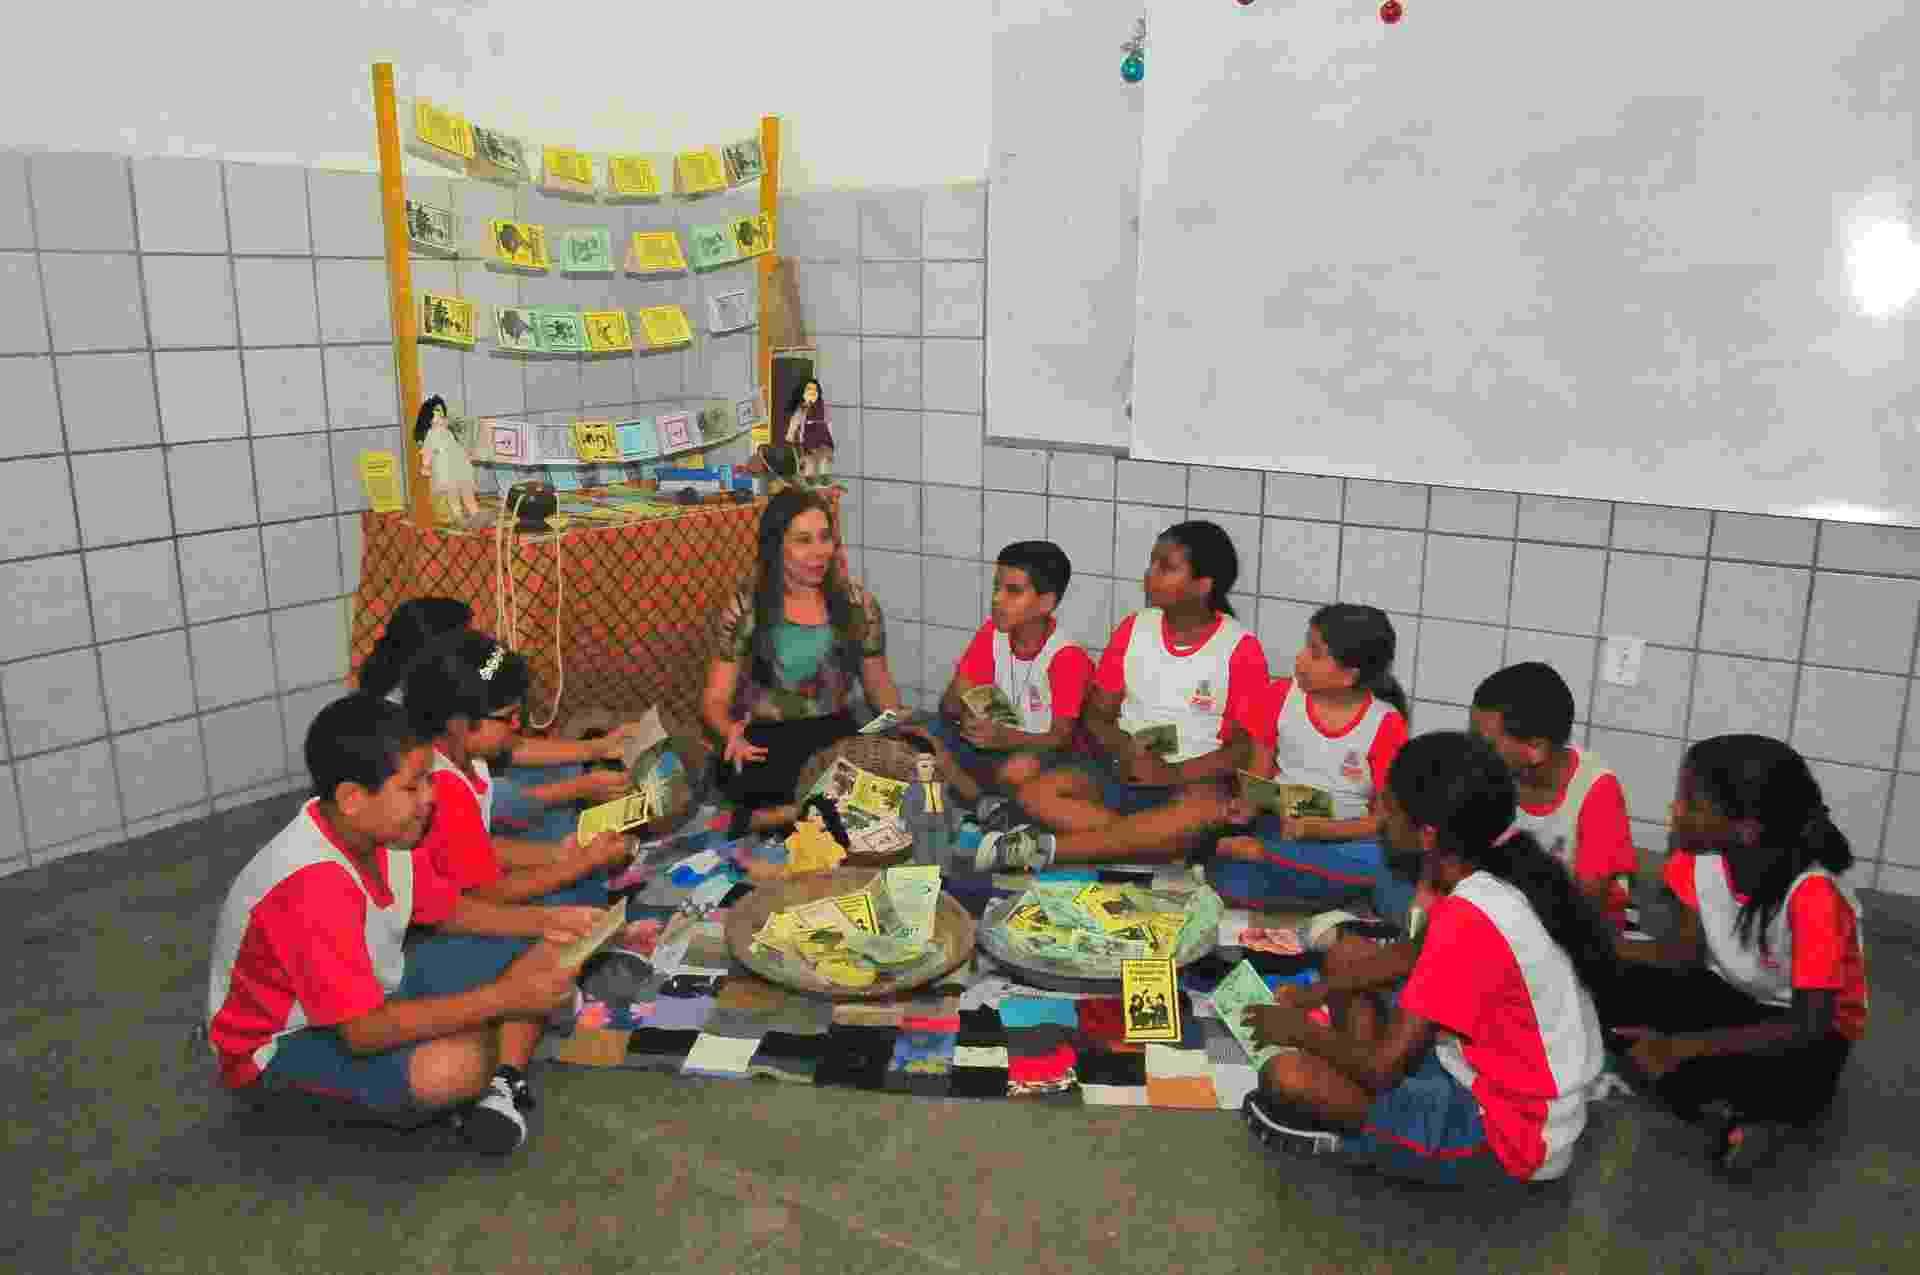 13.dez.2016 - A Escola Municipal Doutor José Novais, em João Pessoa (PB), usa o cordel para ajudar a superar a meta do Índice de Desenvolvimento da Educação Básica (Ideb) - Assuero Lima/UOL